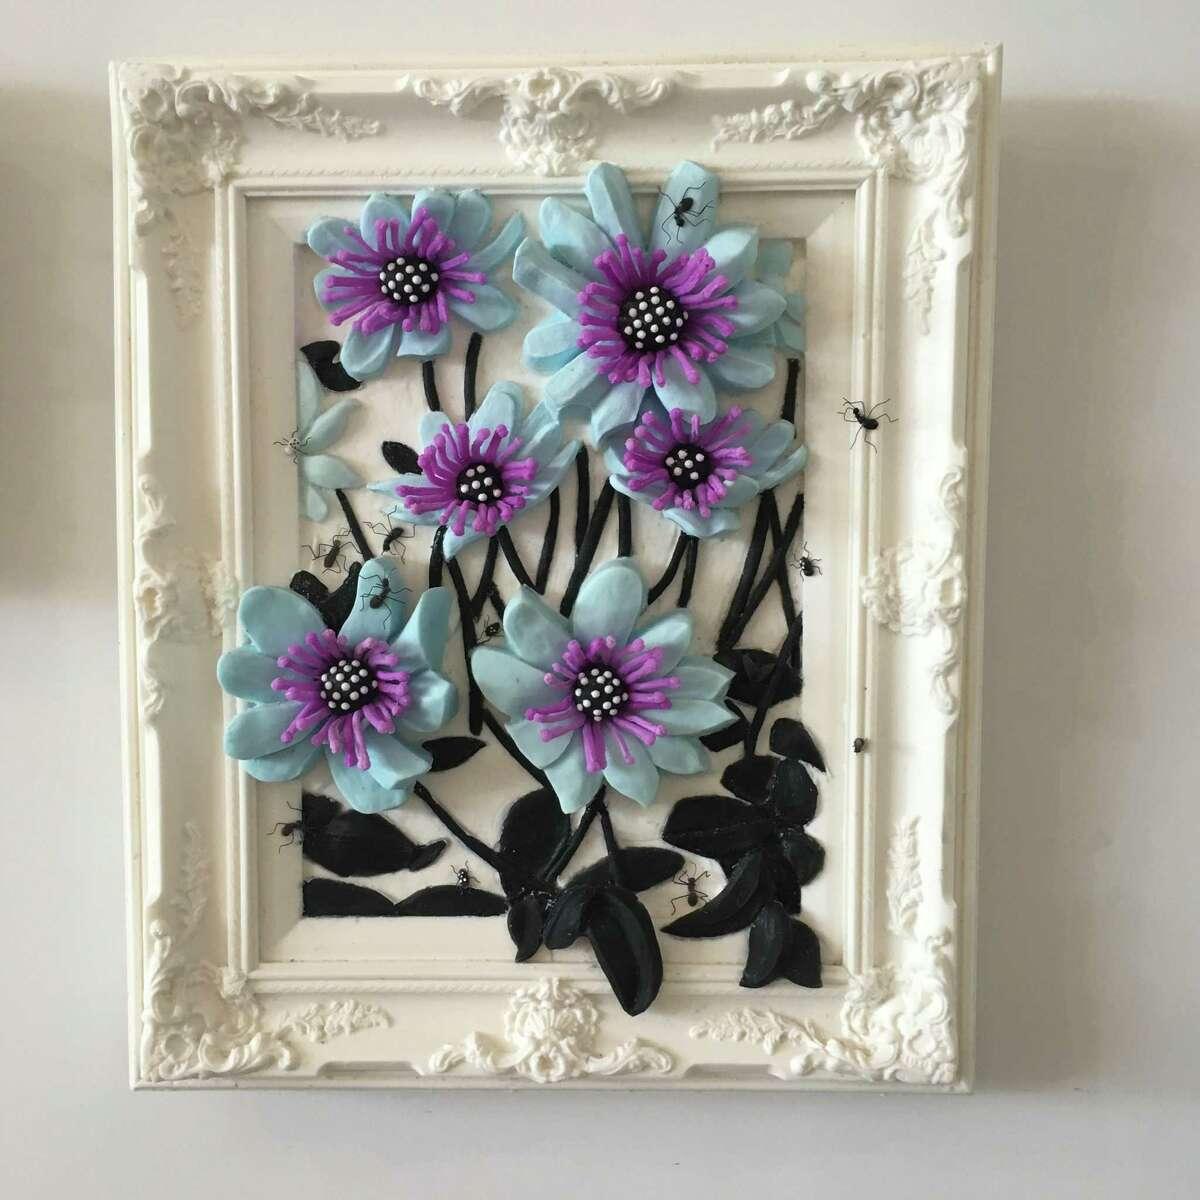 Jeanne Silverthorne (b. 1950), Purple Fluorescent, 2013 Platinum silicone rubber, fluorescent pigment, wire, 24 ¼ x 20 ½ x 5 in.